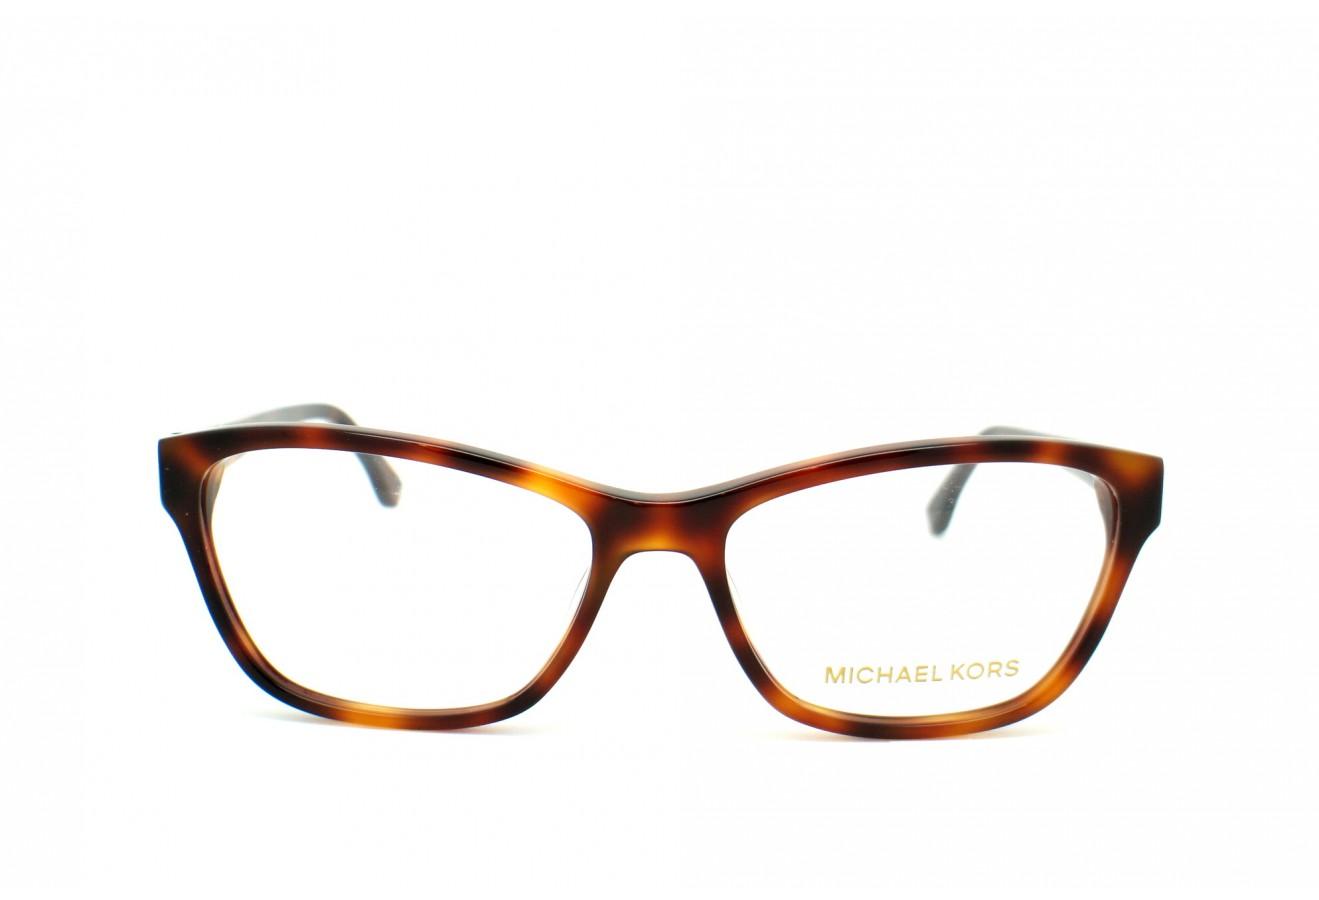 lunettes de vue mk 269 240 53 16. Black Bedroom Furniture Sets. Home Design Ideas